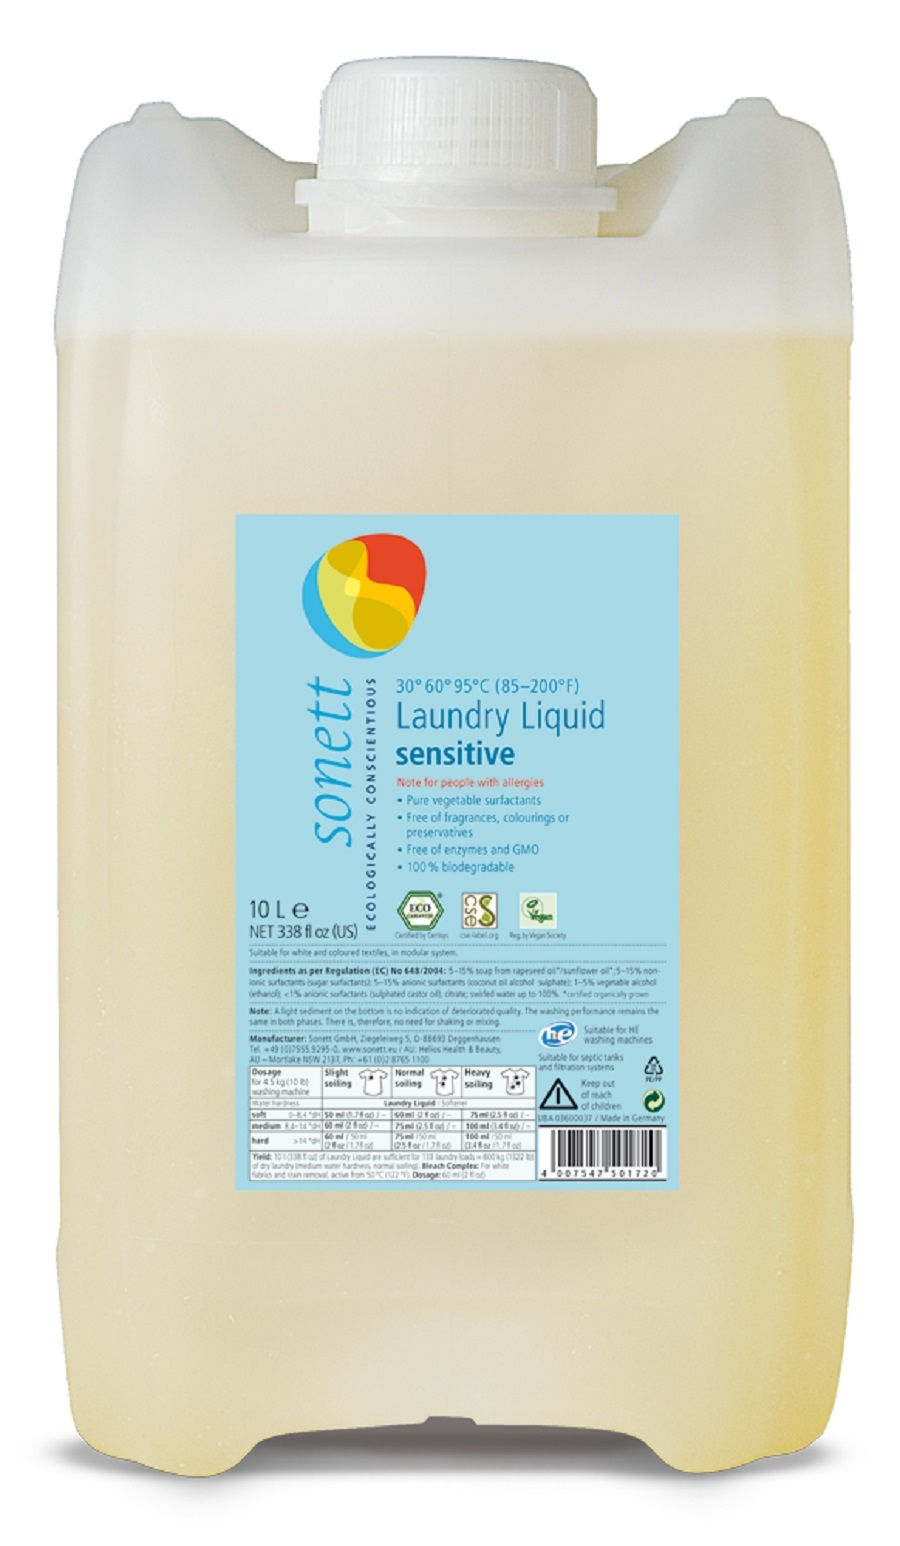 Жидкость для стирки гипоаллергенная Sensitive Sonett, 10 л